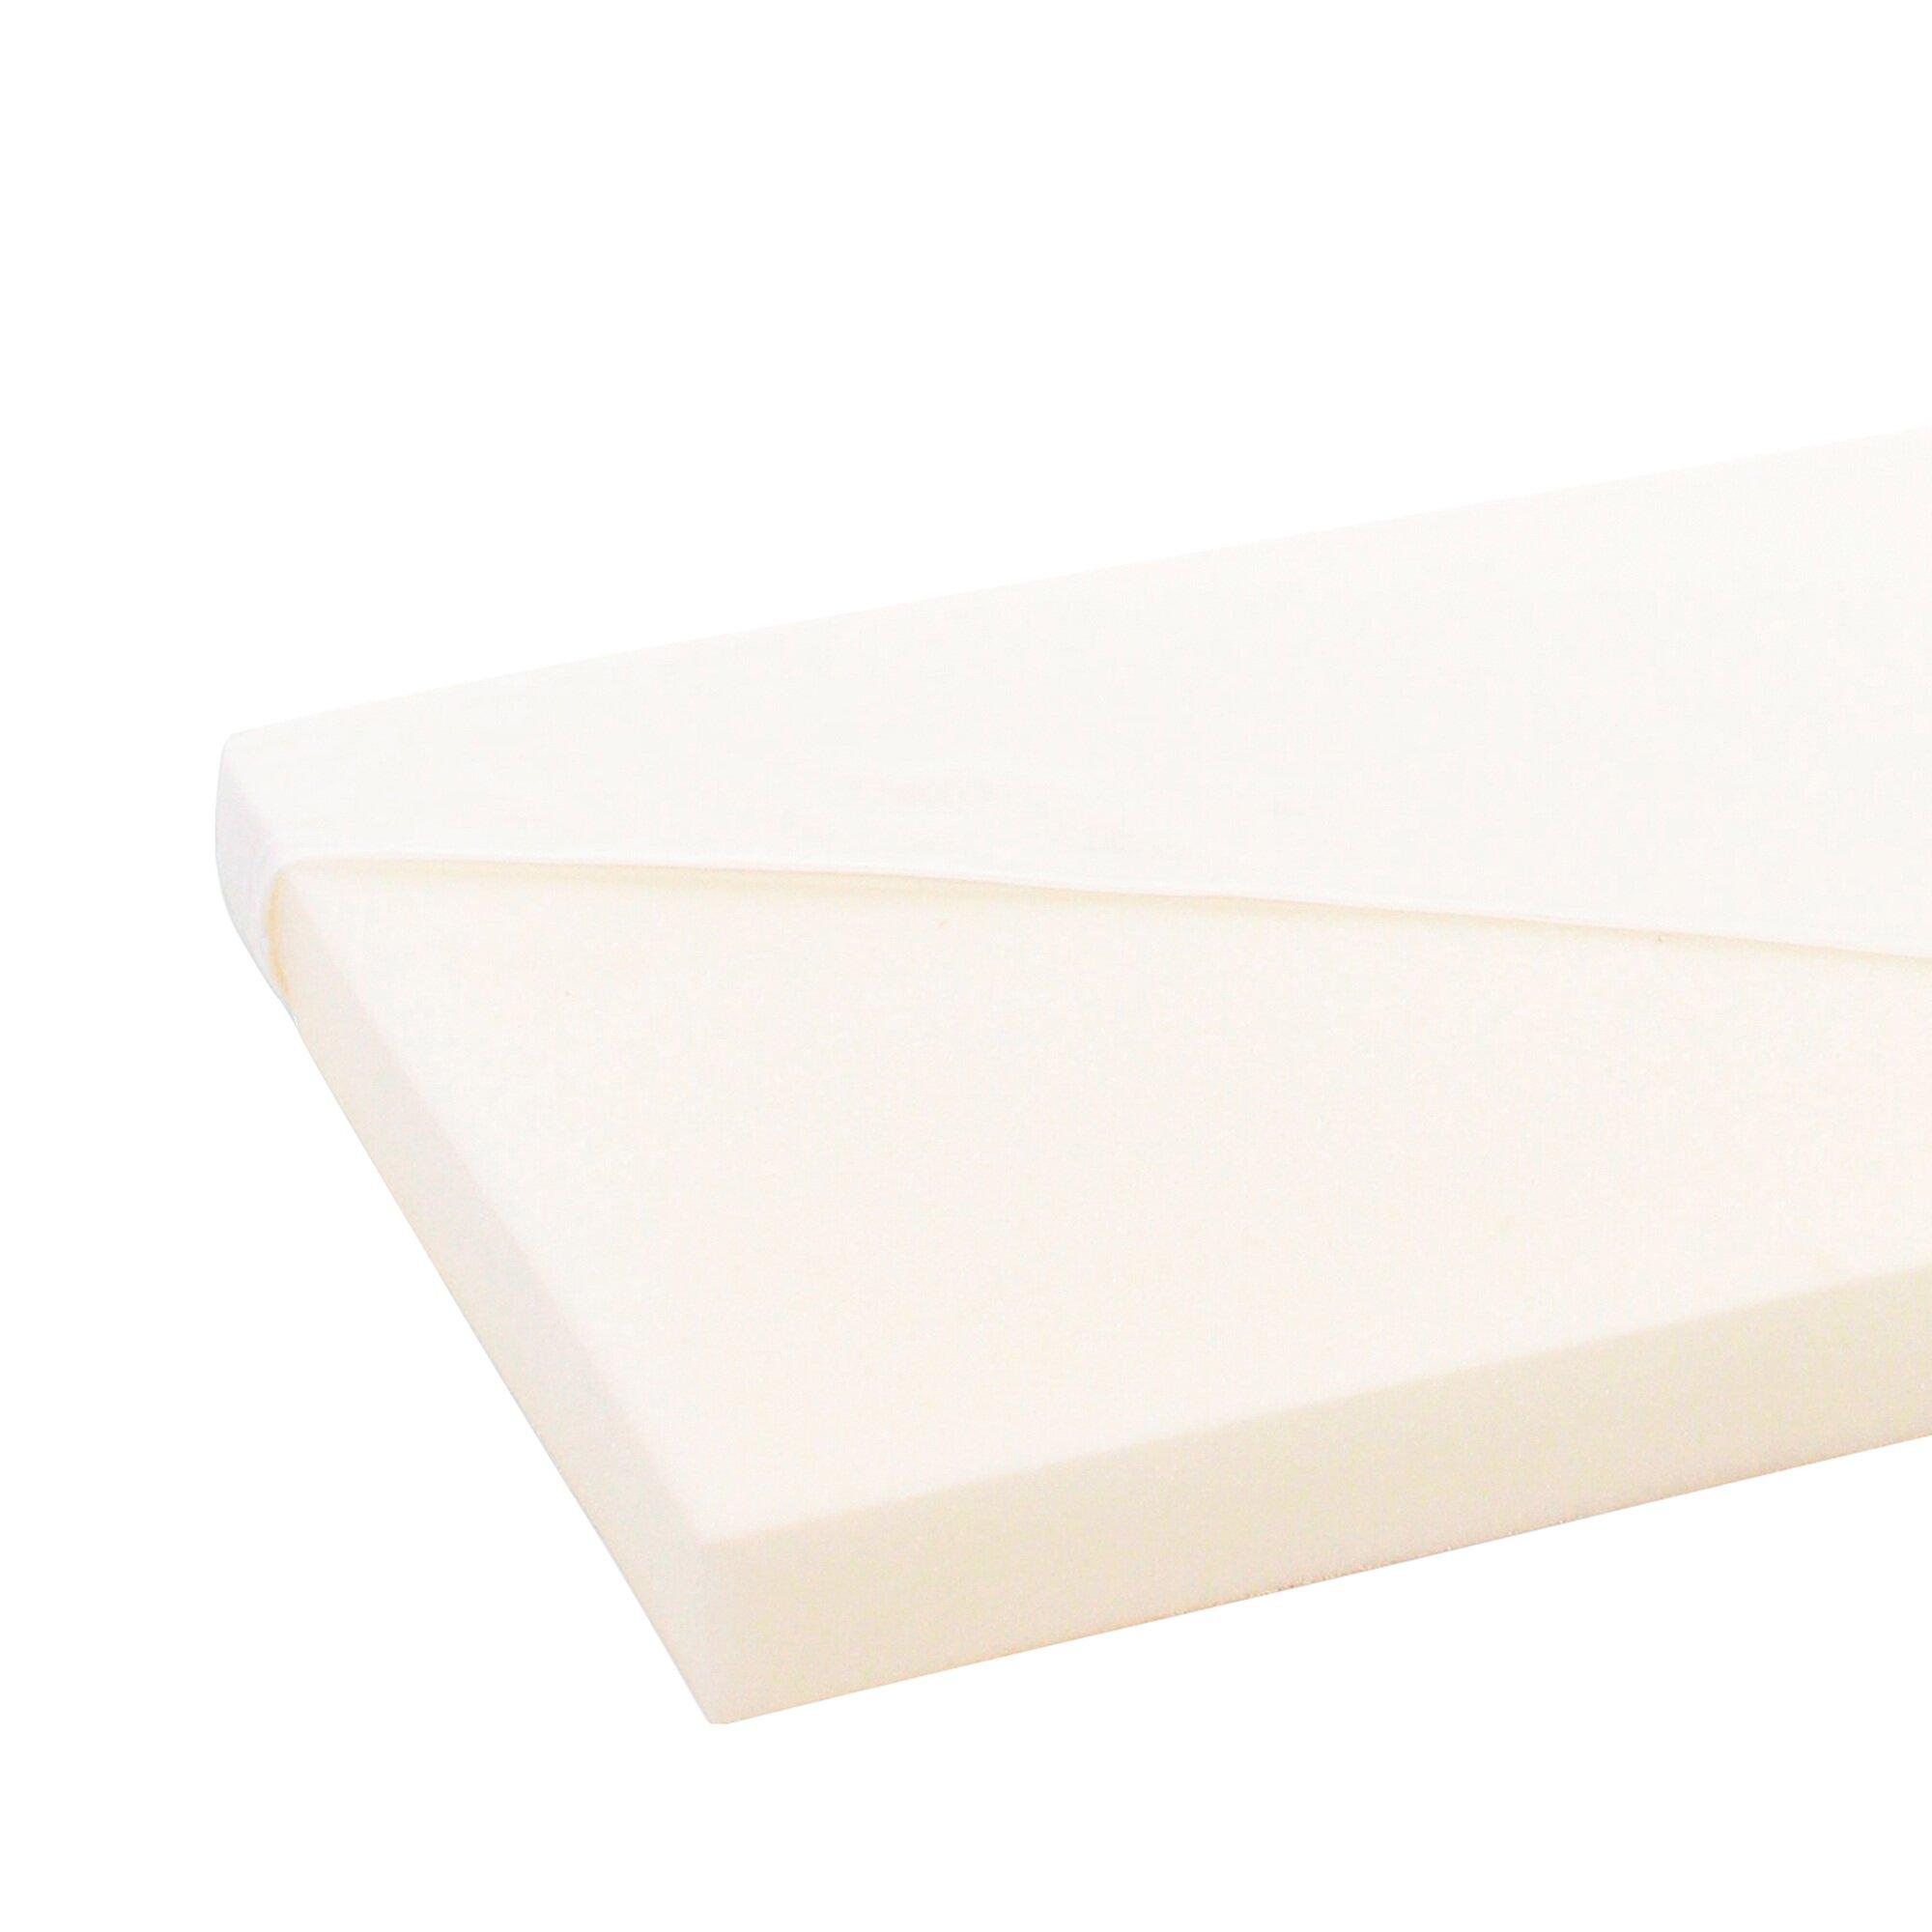 Babybay® Matratze Classic Cotton für Trend weiss